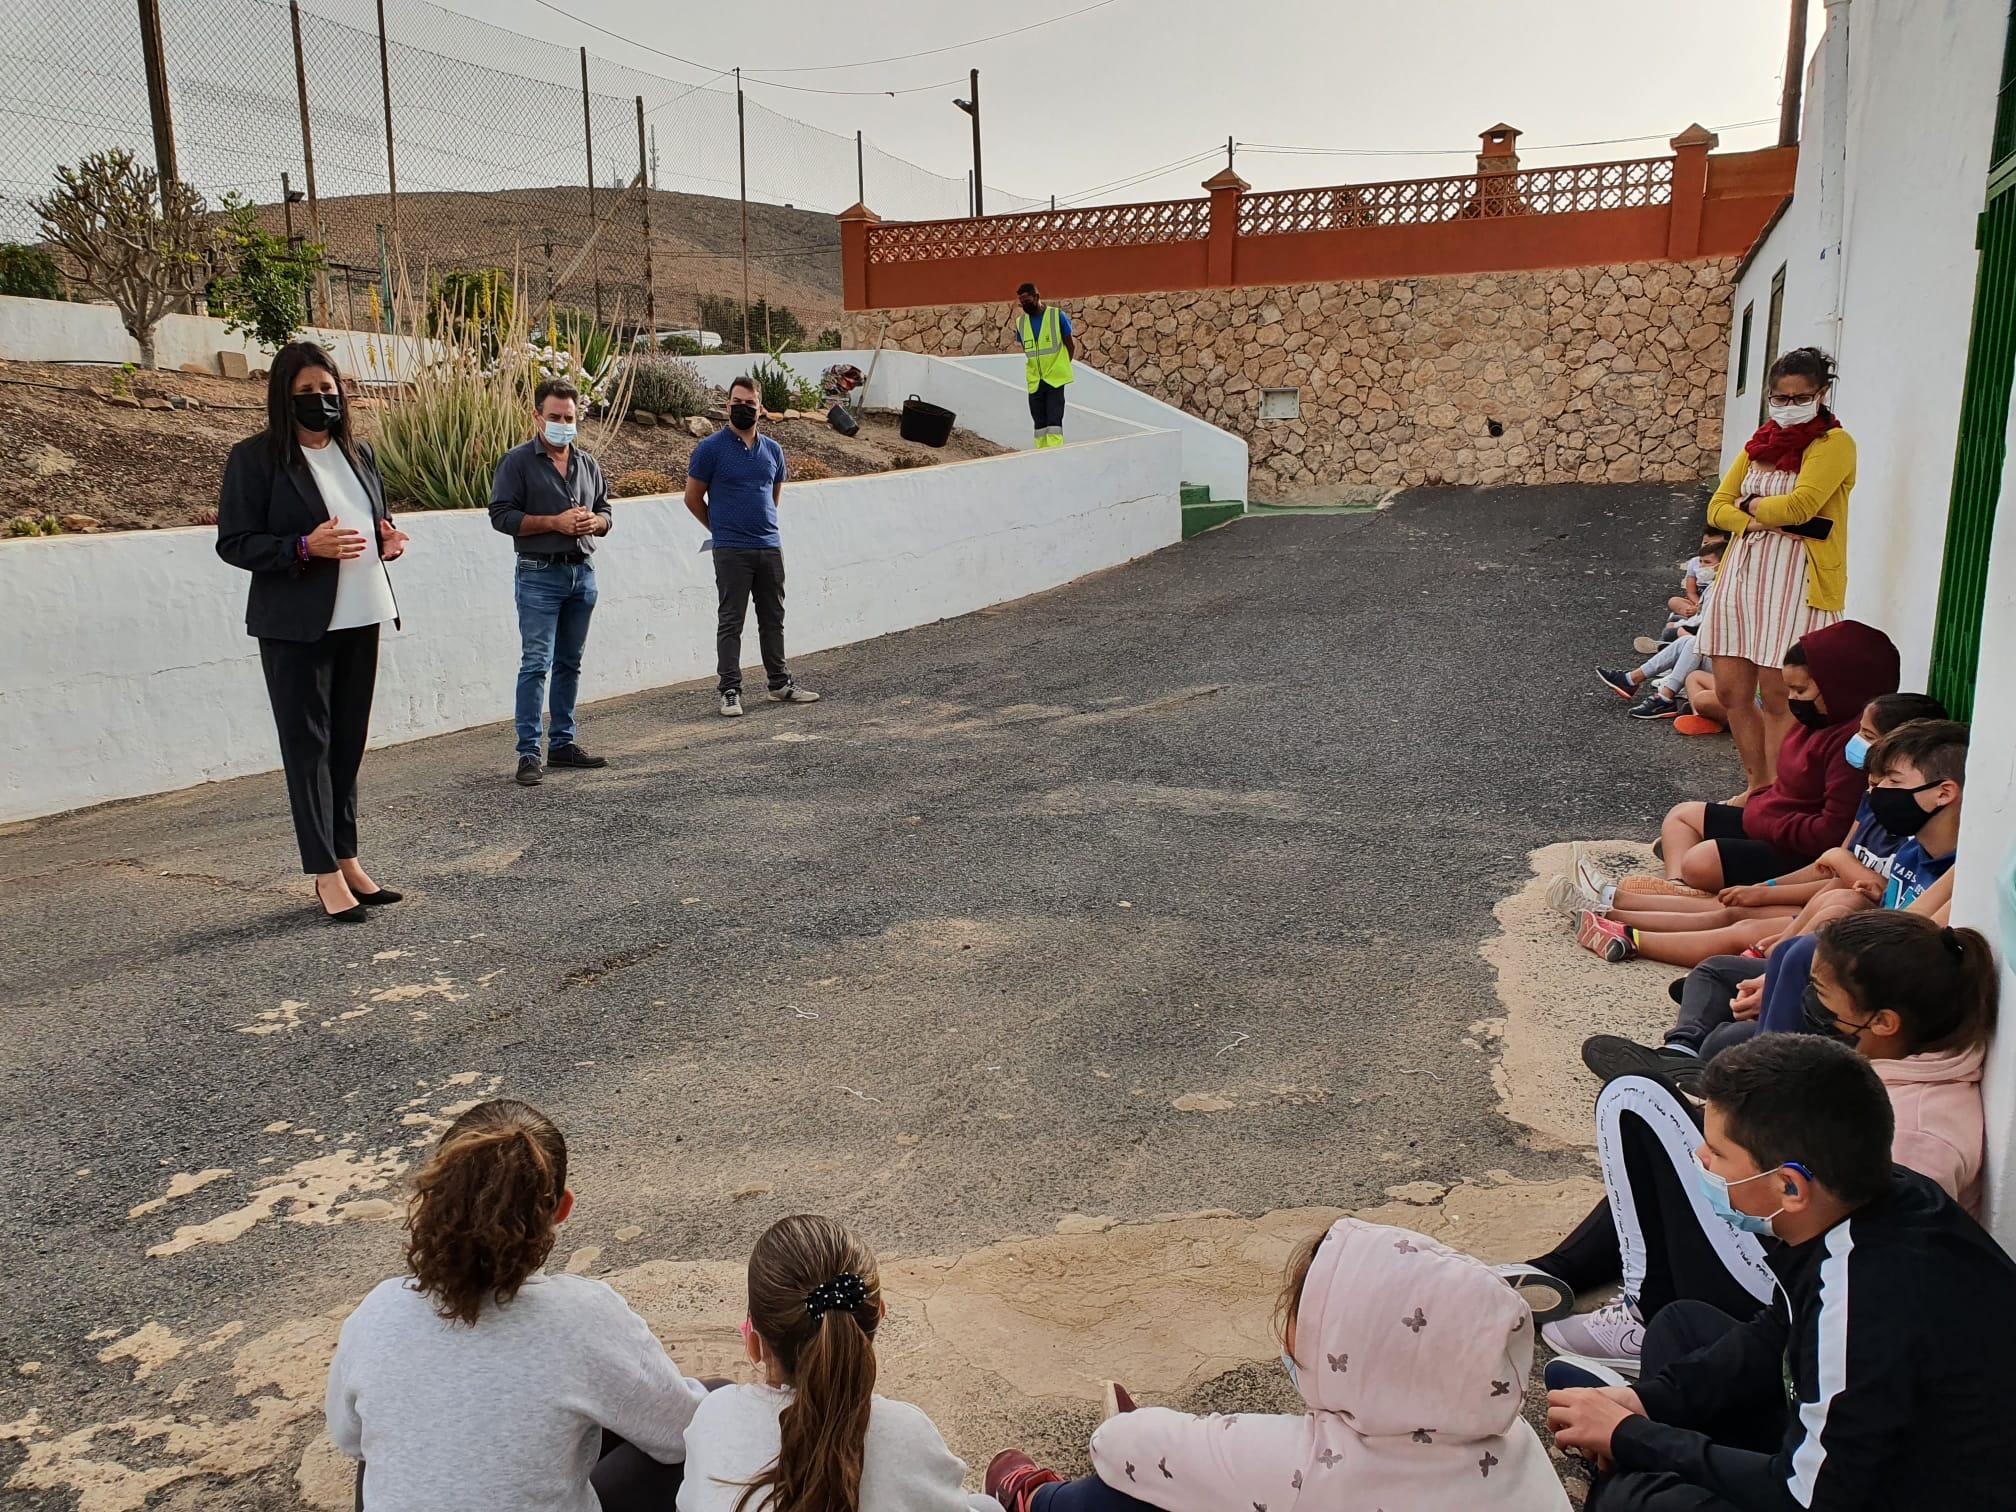 MMAA-2 Escolares de Tuineje plantan vegetación por el Día Mundial del Medio Ambiente